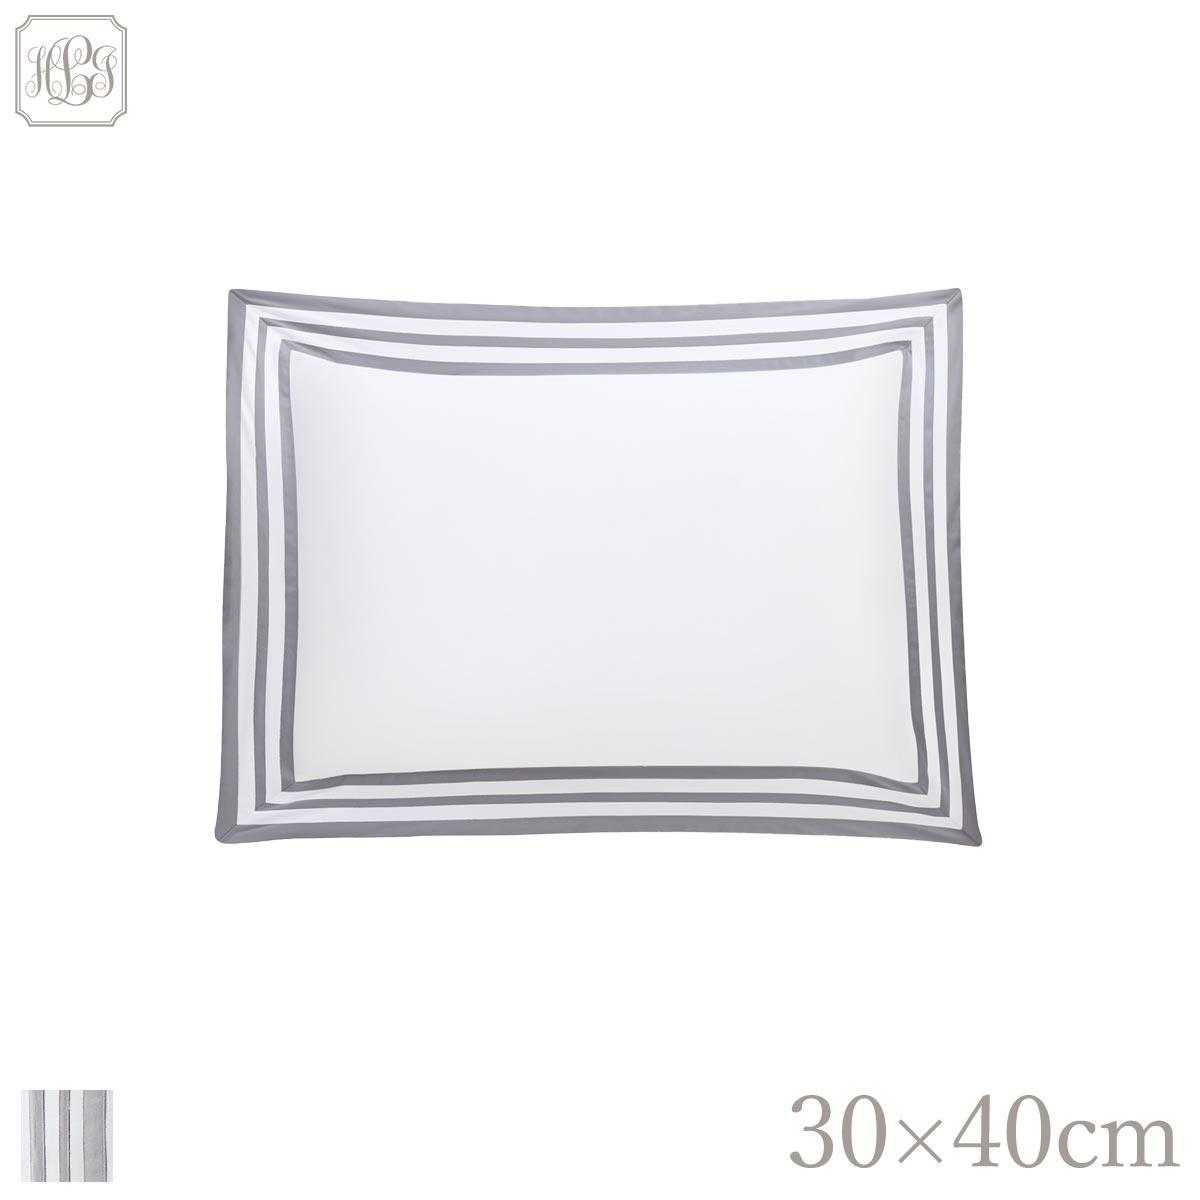 クッションカバー | ブドワール | 30×40cm | 500TC ボールドライン